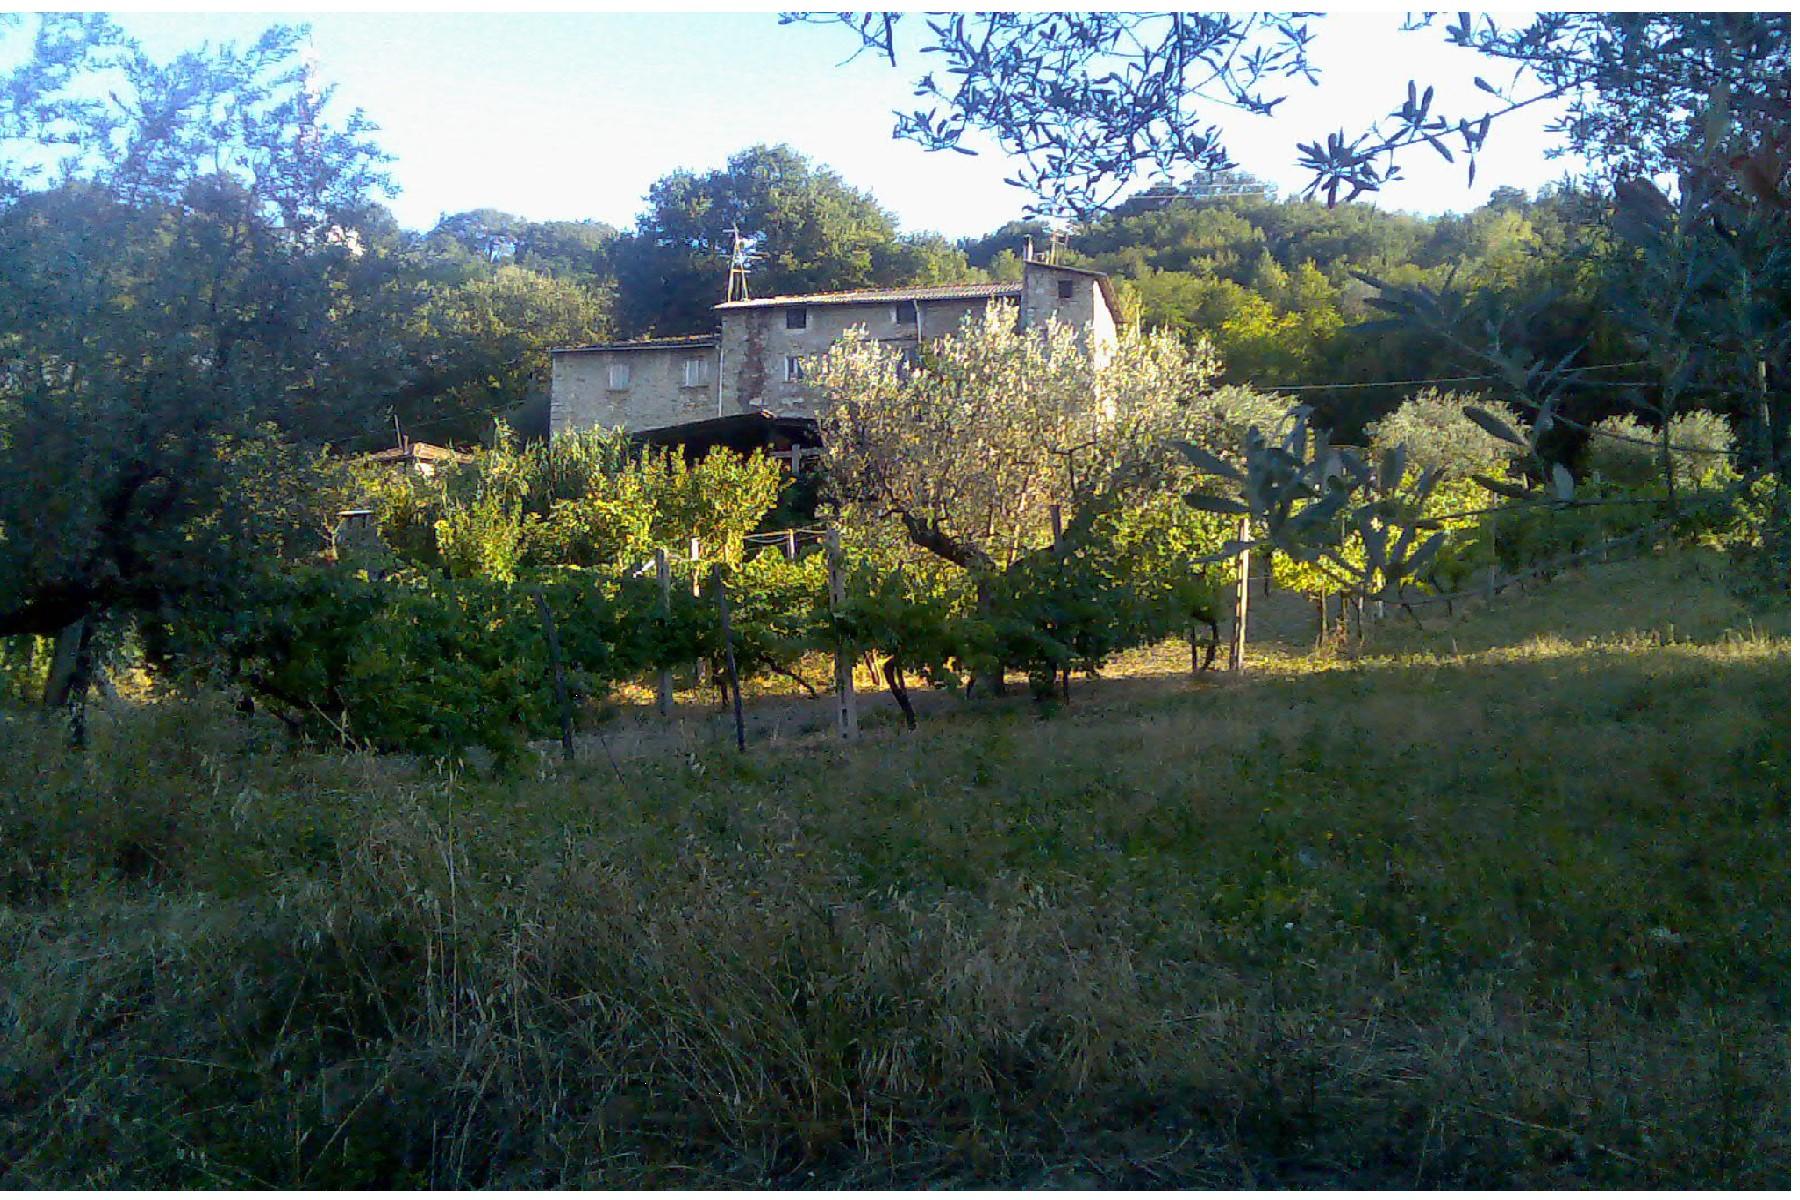 Rustico / Casale in vendita a Ascoli Piceno, 20 locali, zona Località: PortaCartara, prezzo € 600.000 | CambioCasa.it